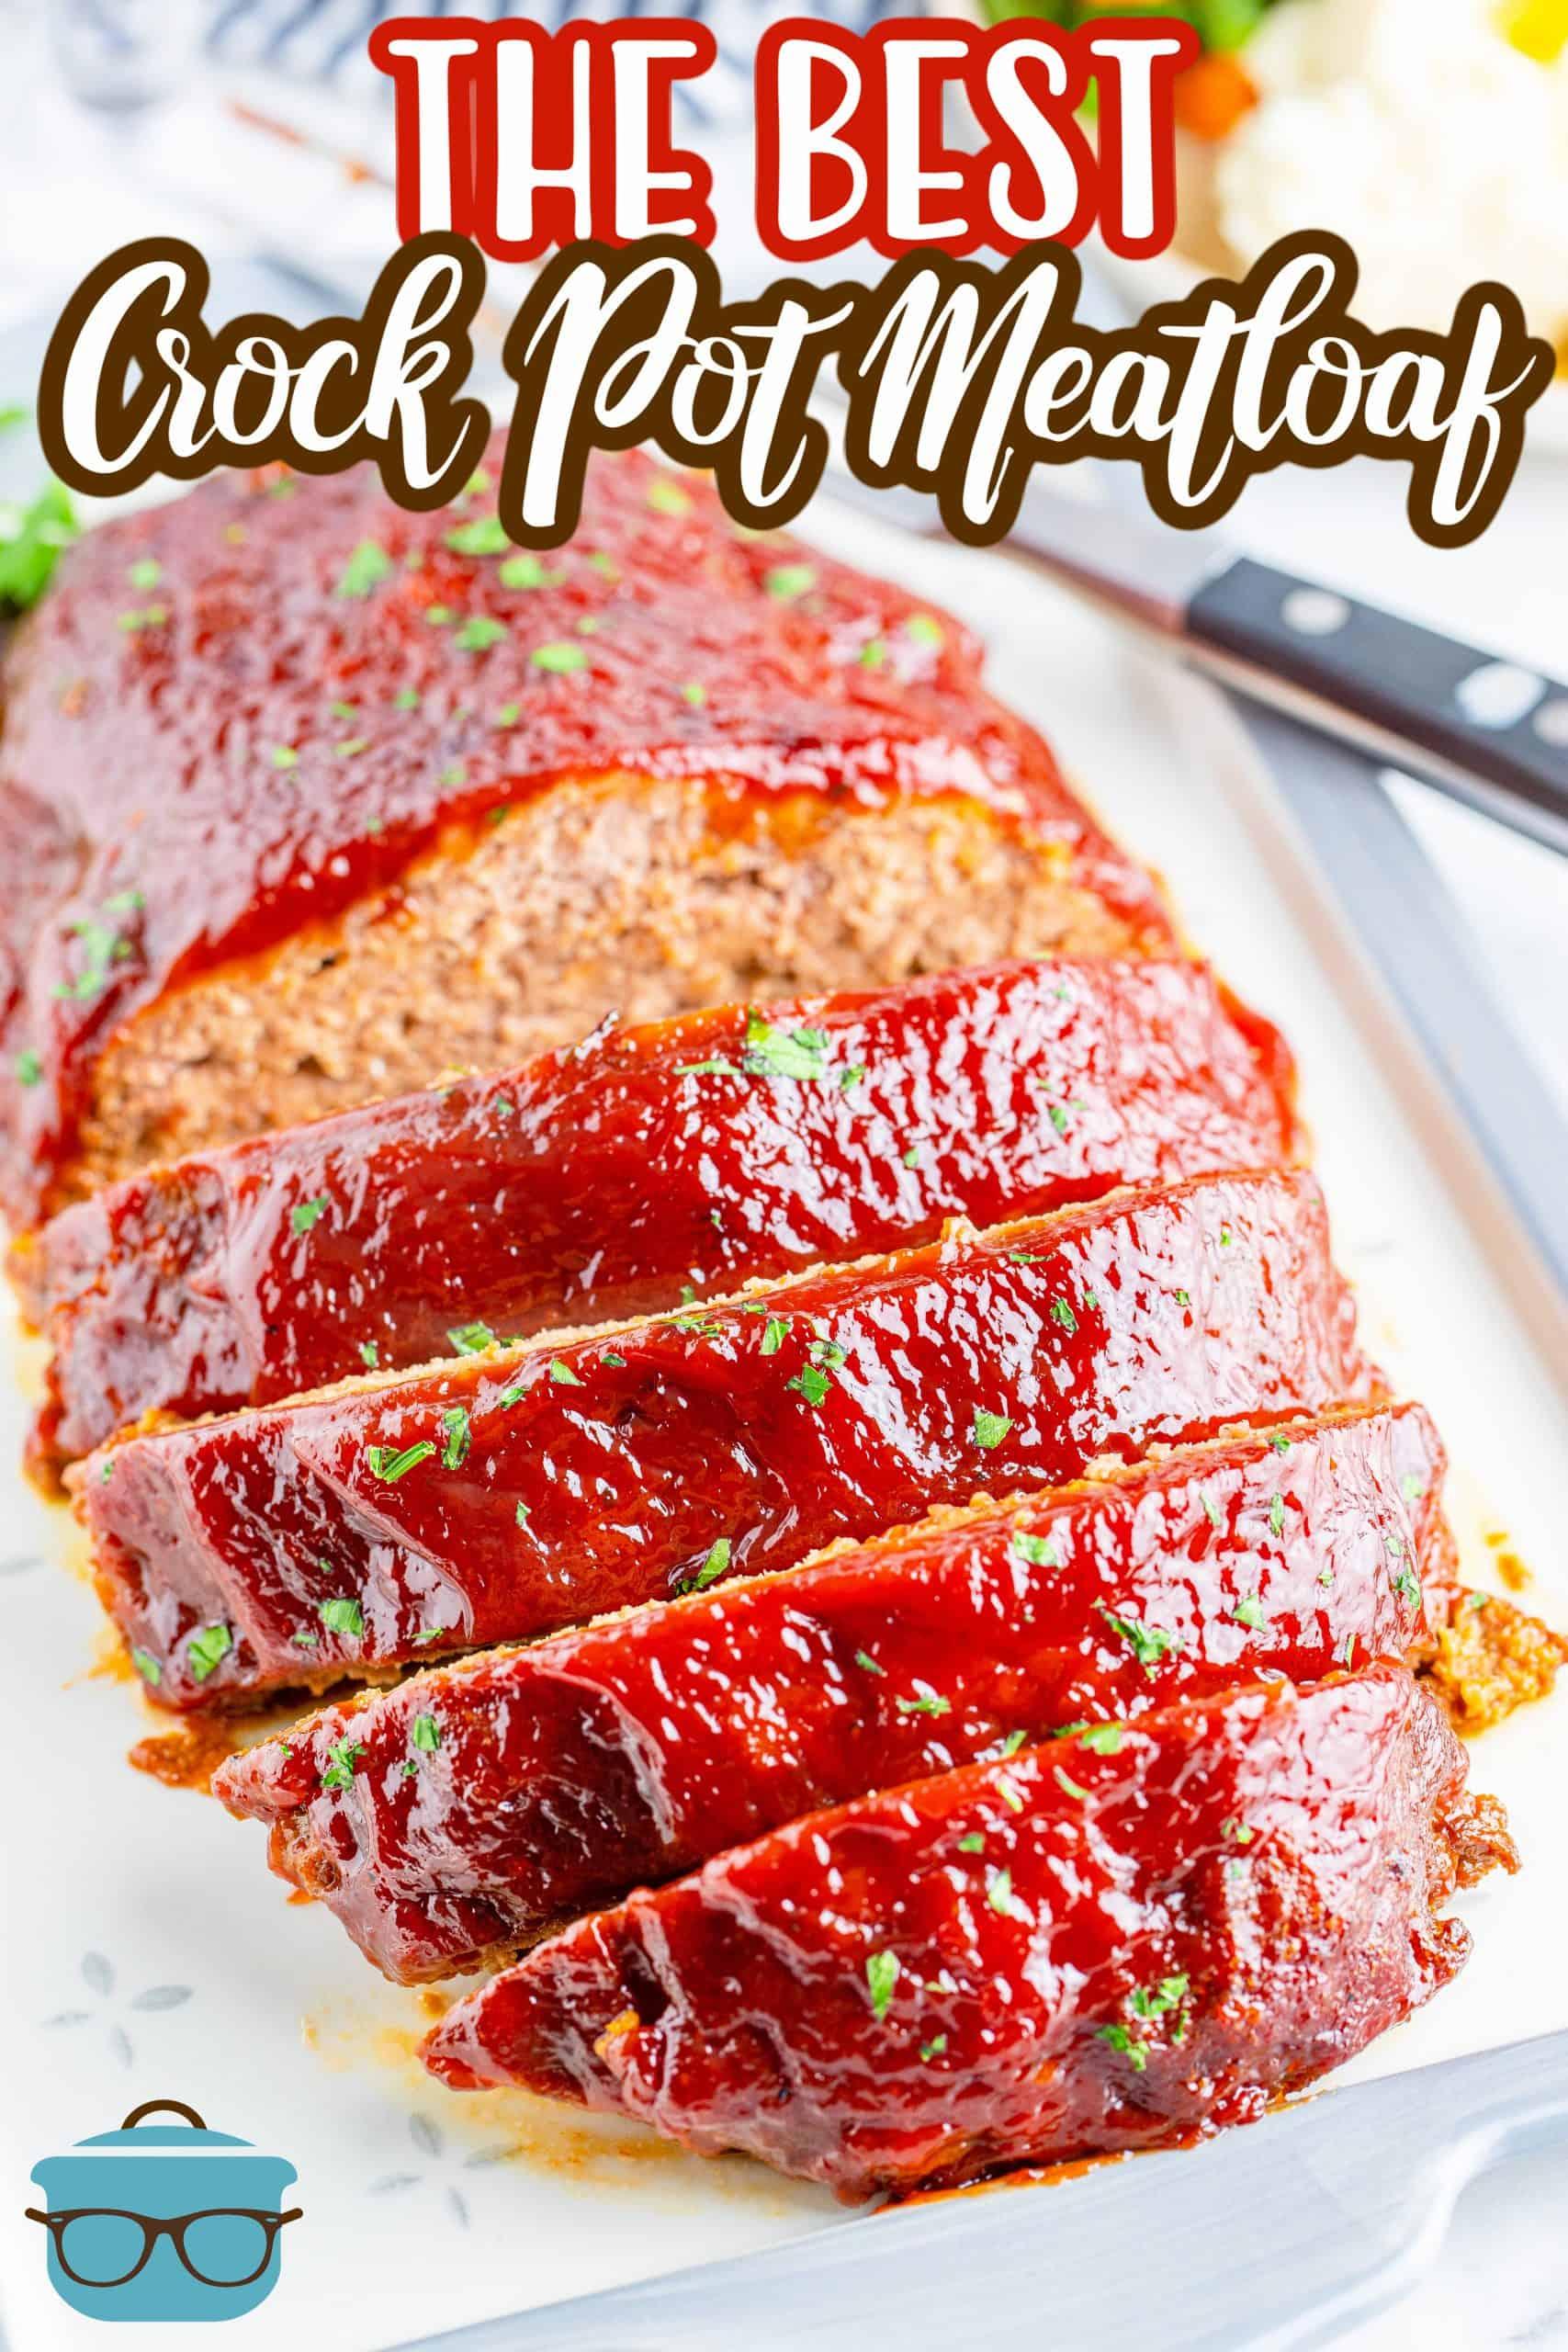 Farto, fácil e delicioso, o The Best Crock Pot Meatloaf é uma verdadeira refeição reconfortante que você cozinha na baixa e lenta com o esmalte doce e picante perfeito.  Uma refeição em família verdadeiramente deliciosa.